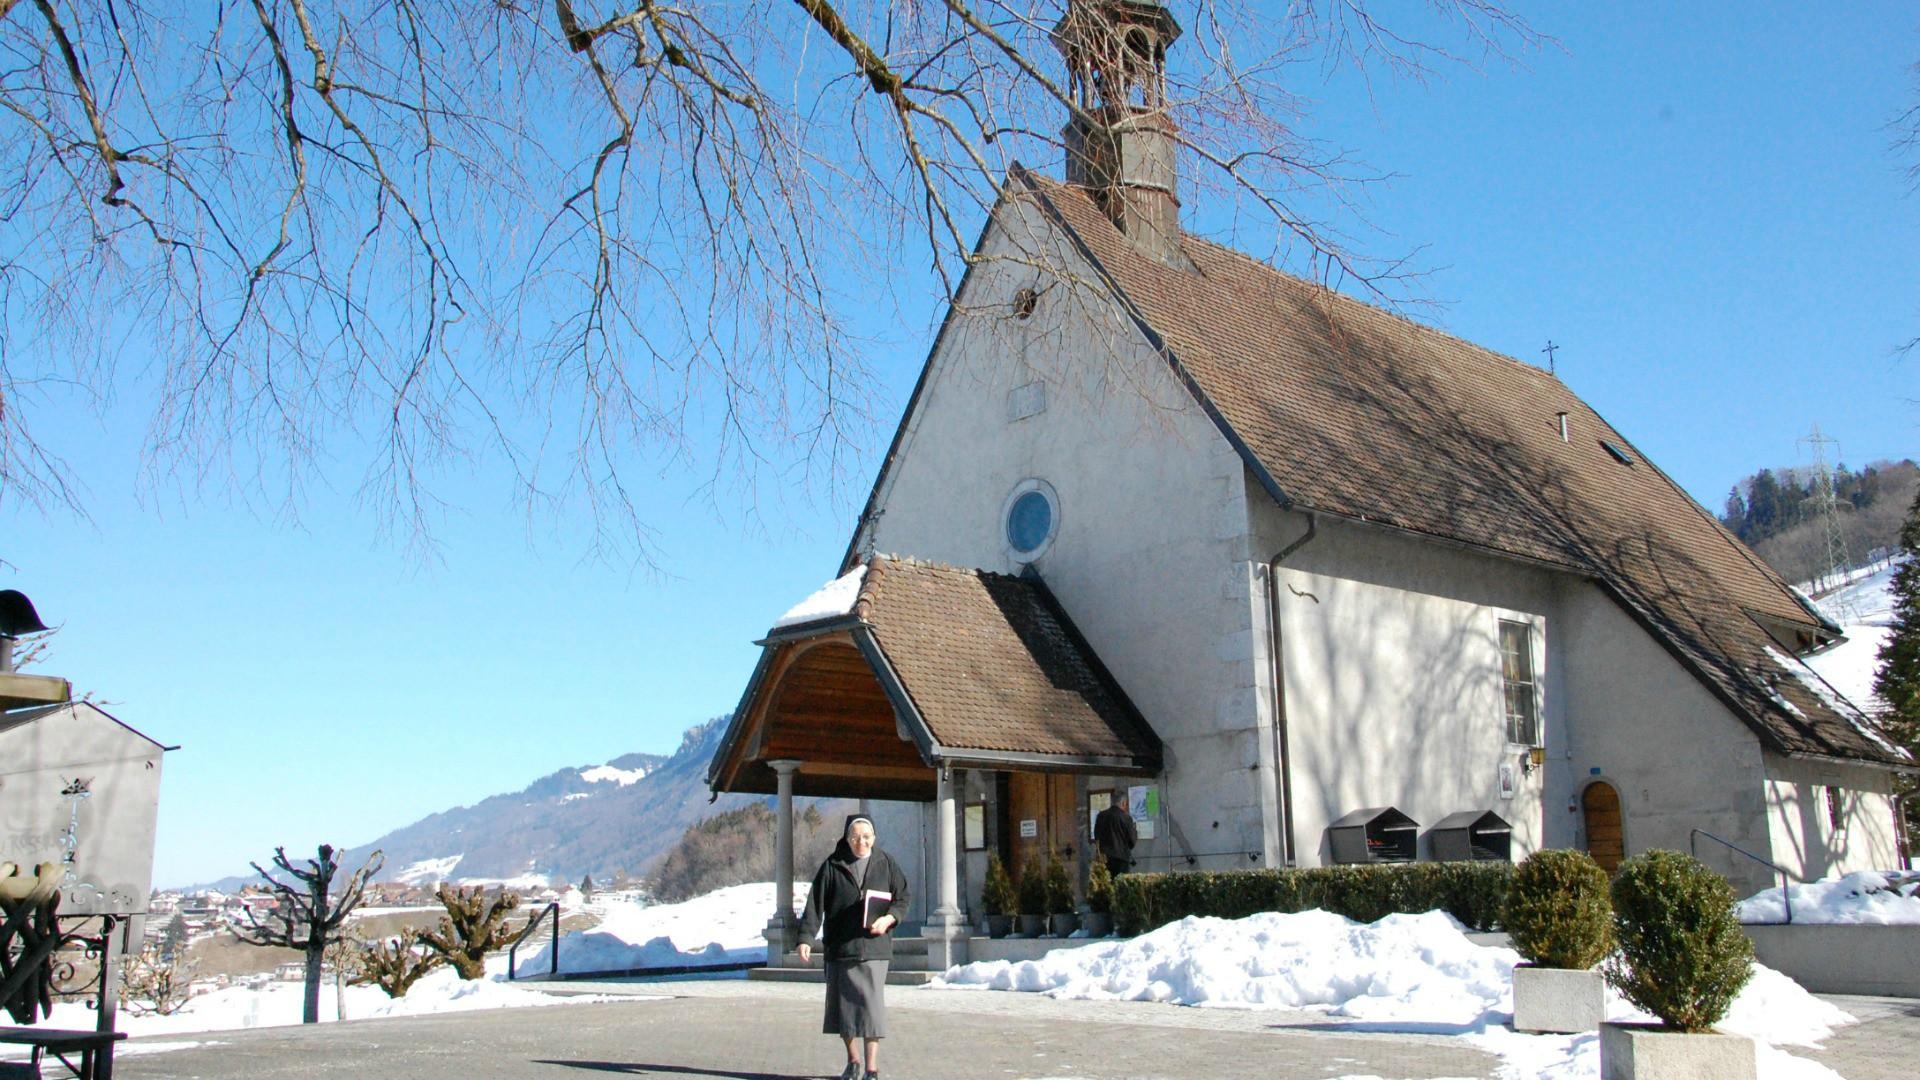 Jubil les sanctuaires assure le pape doivent tre une - Eglise la porte ouverte culte en direct ...